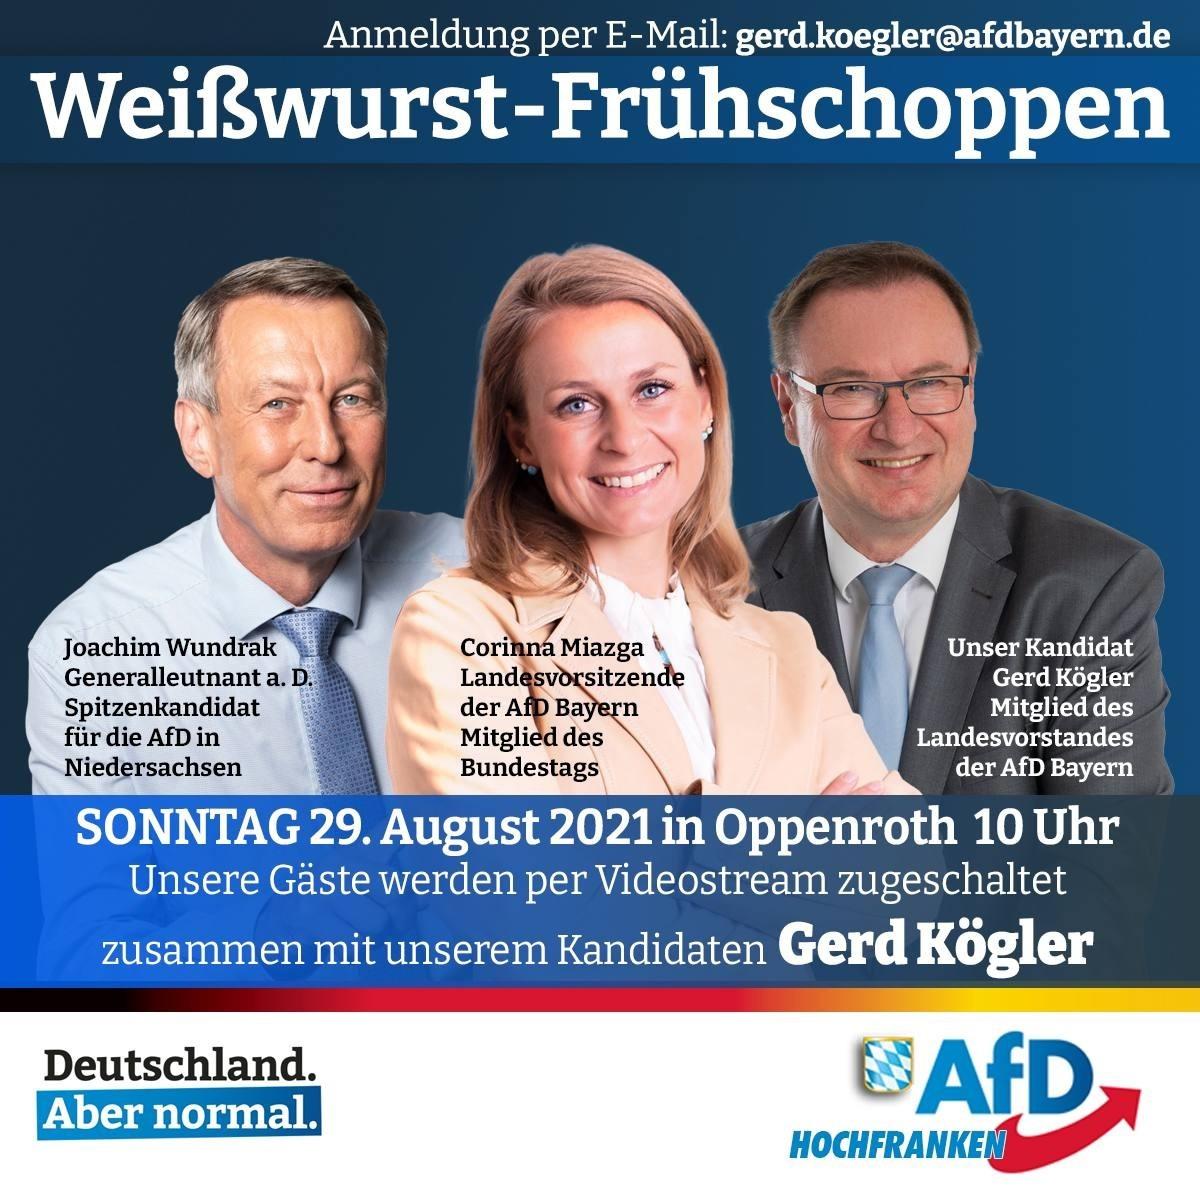 29. August 2021 - Weißwurst-Frühschoppen in Oppenroth